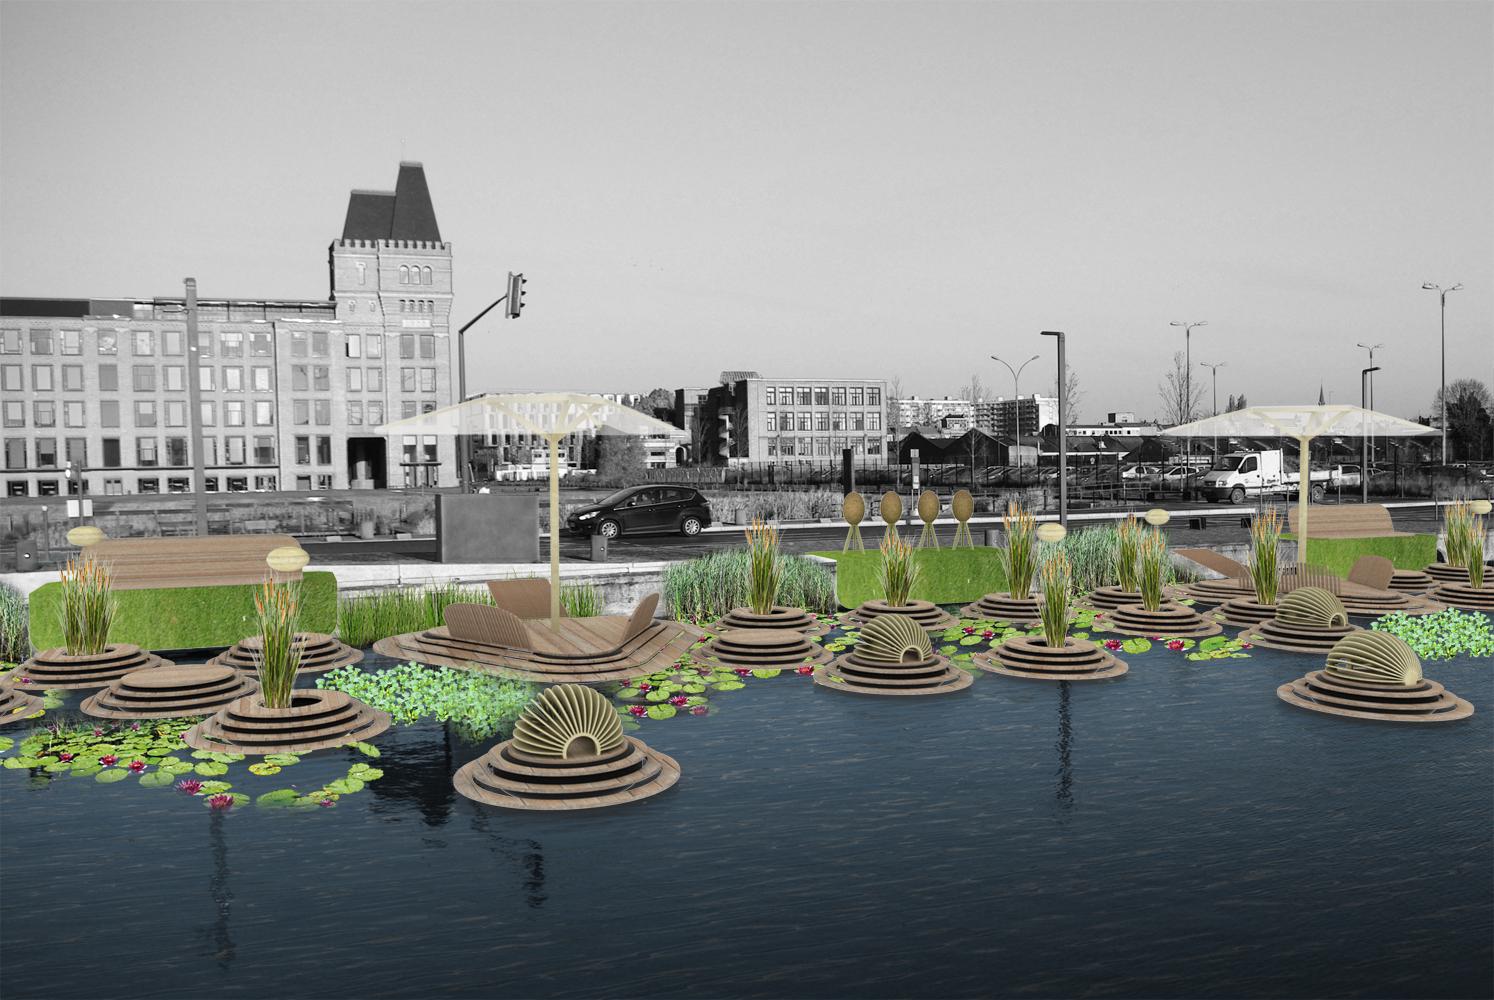 La place de l'eau dans la ville - Transition Végétale - Florent Albinet